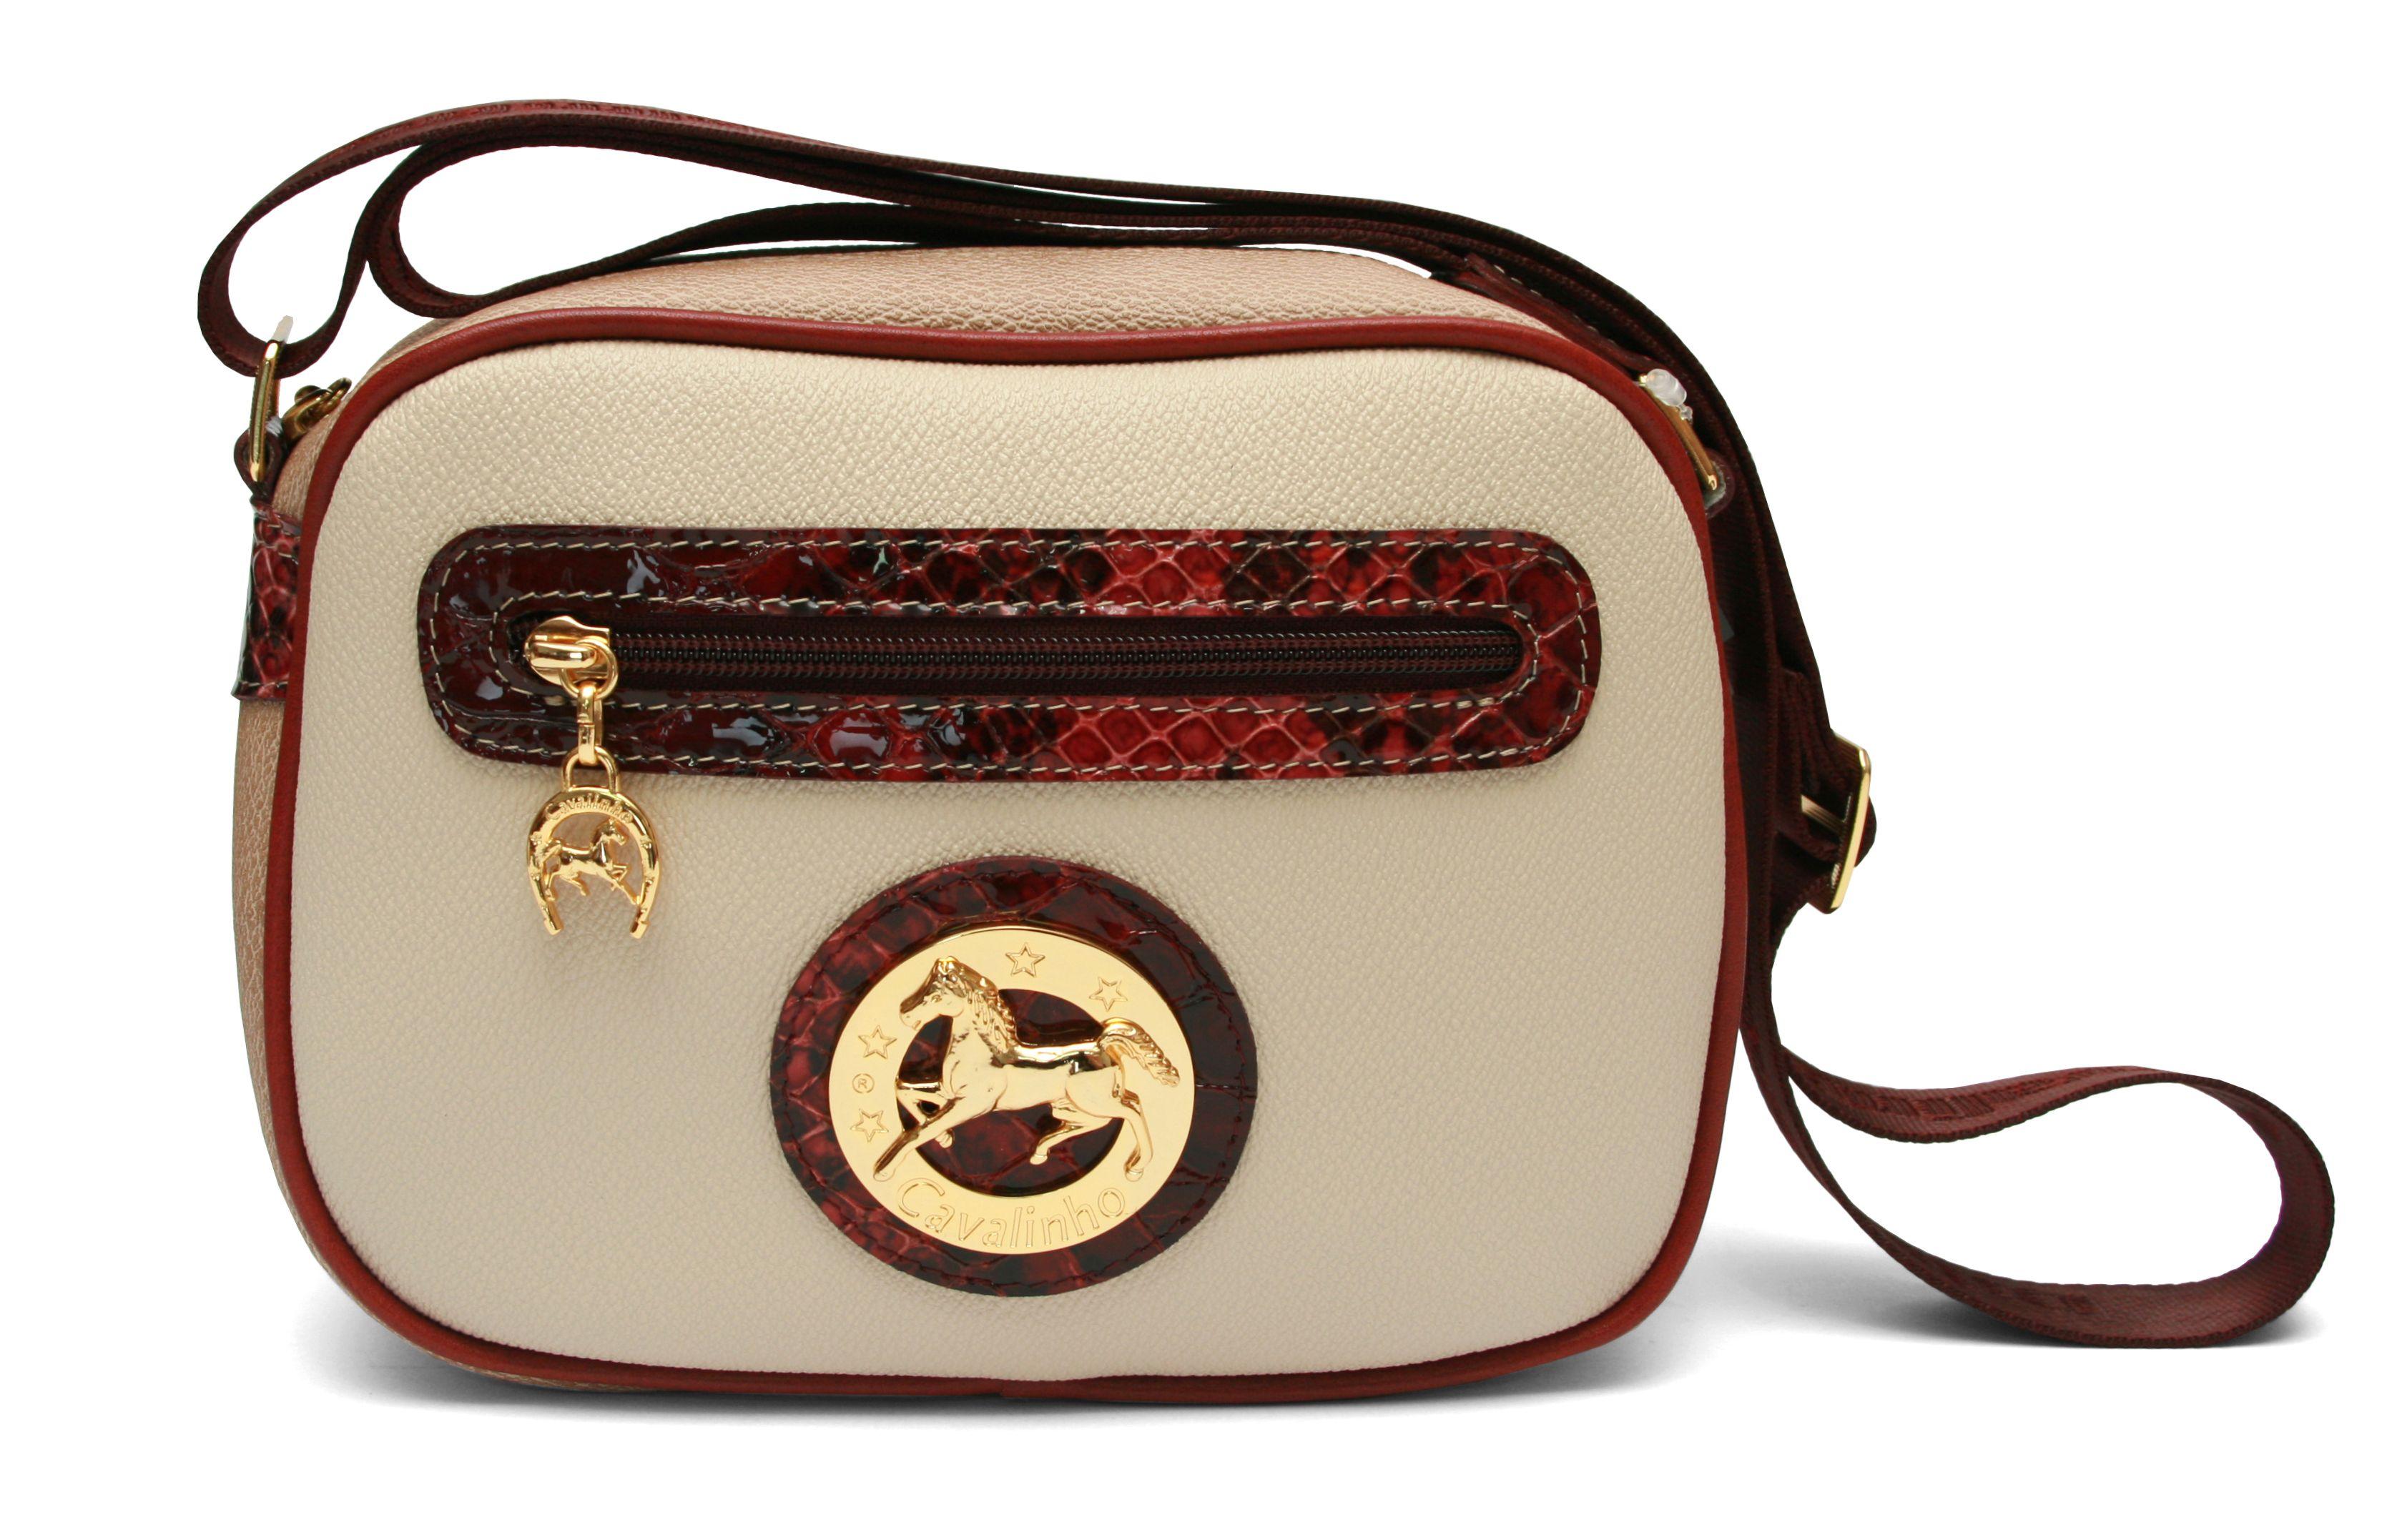 ce35581a896 As malas são indispensáveis para todas as mulheres